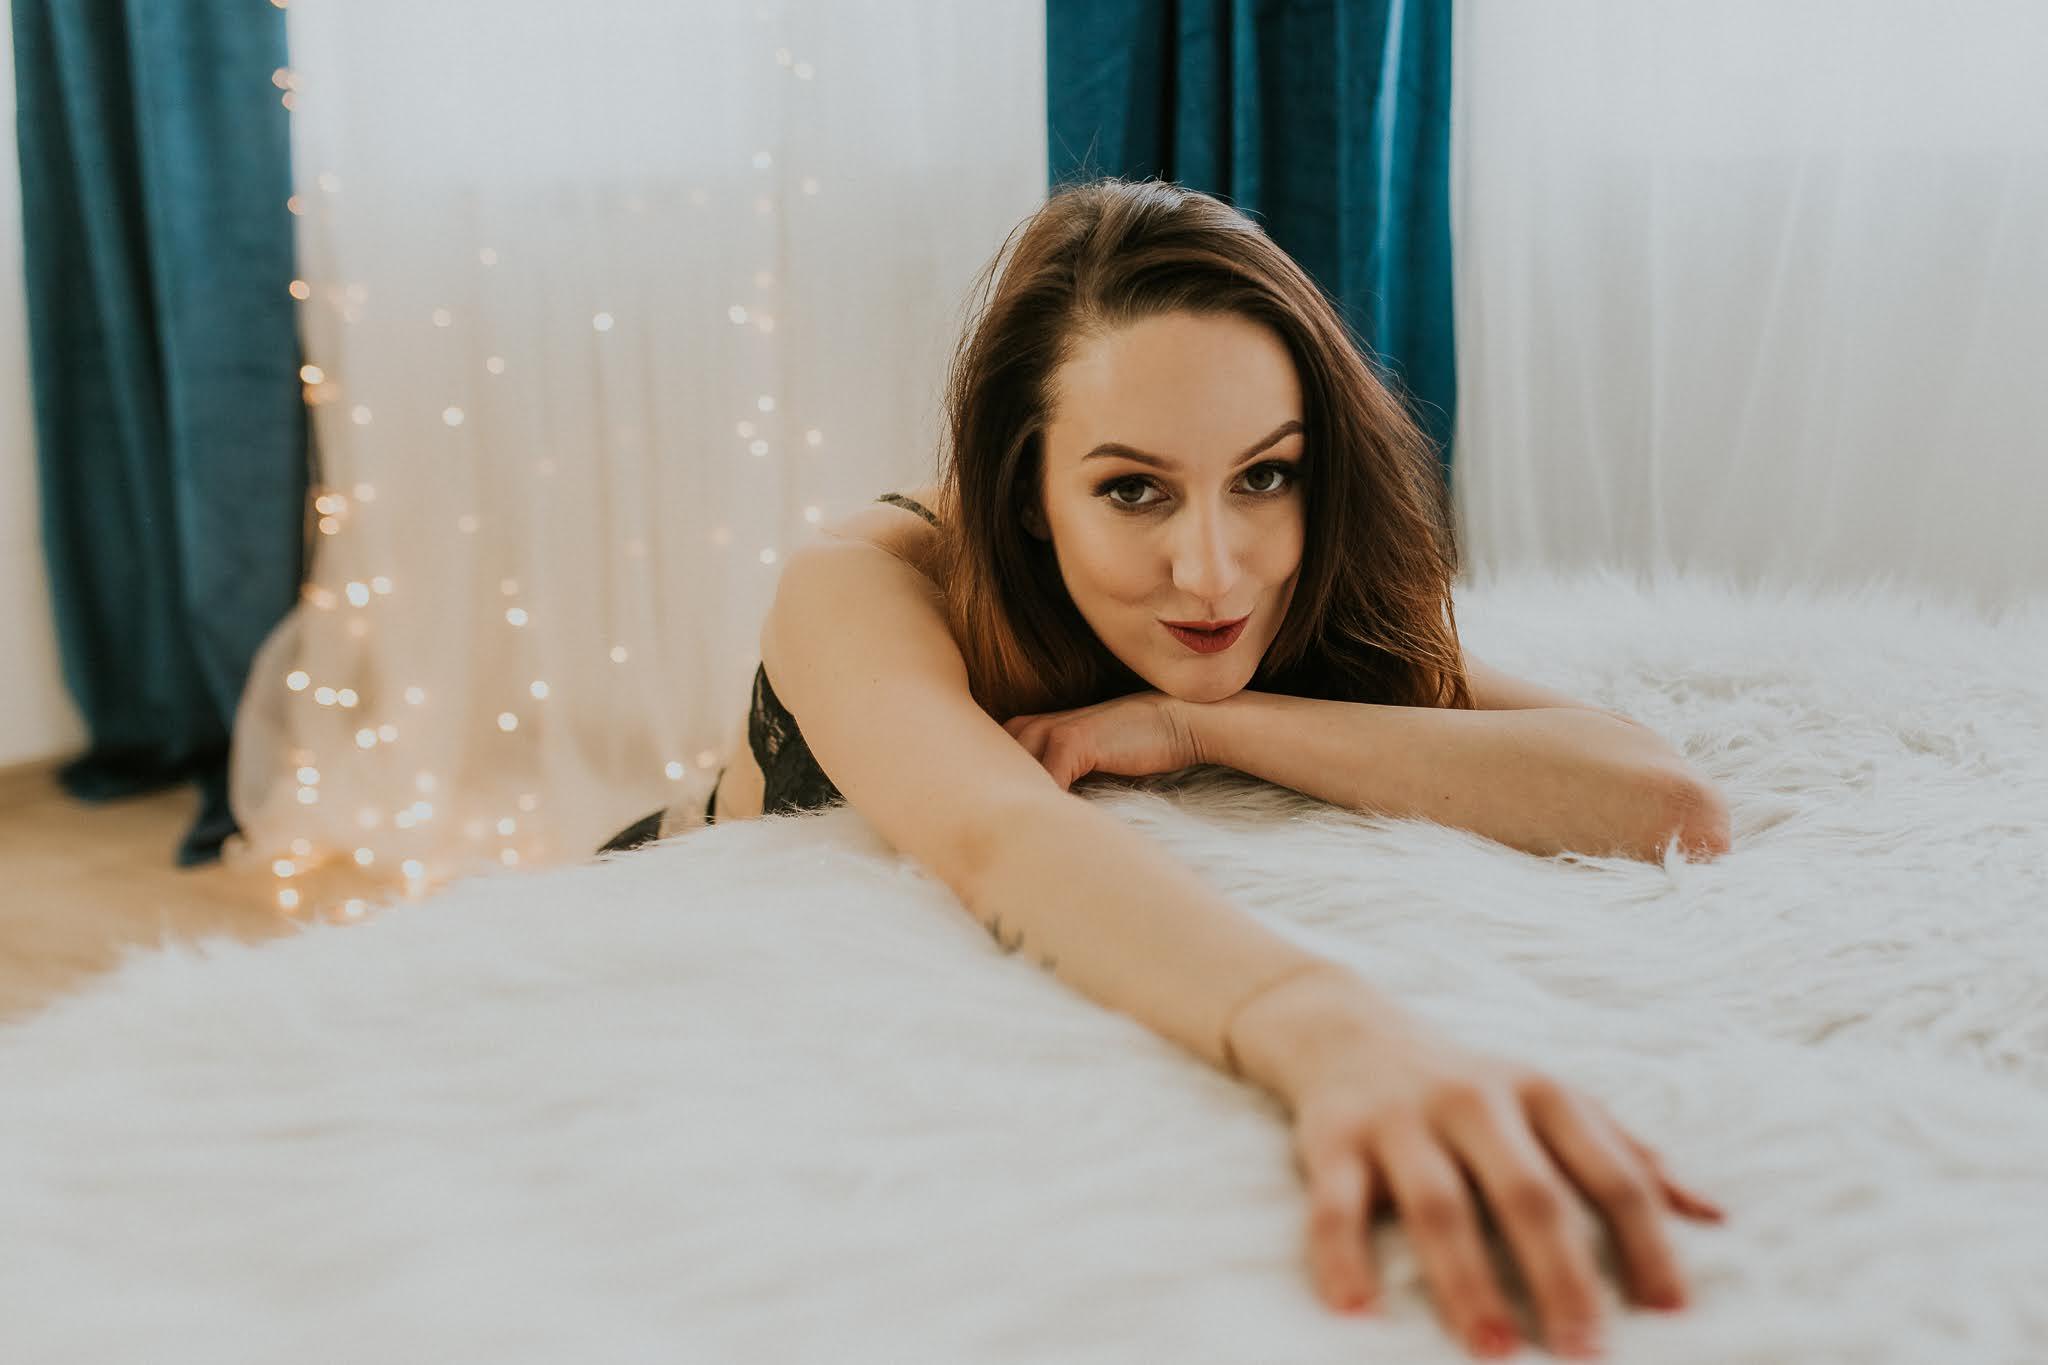 Sesja sensualna Małgosia NET-19